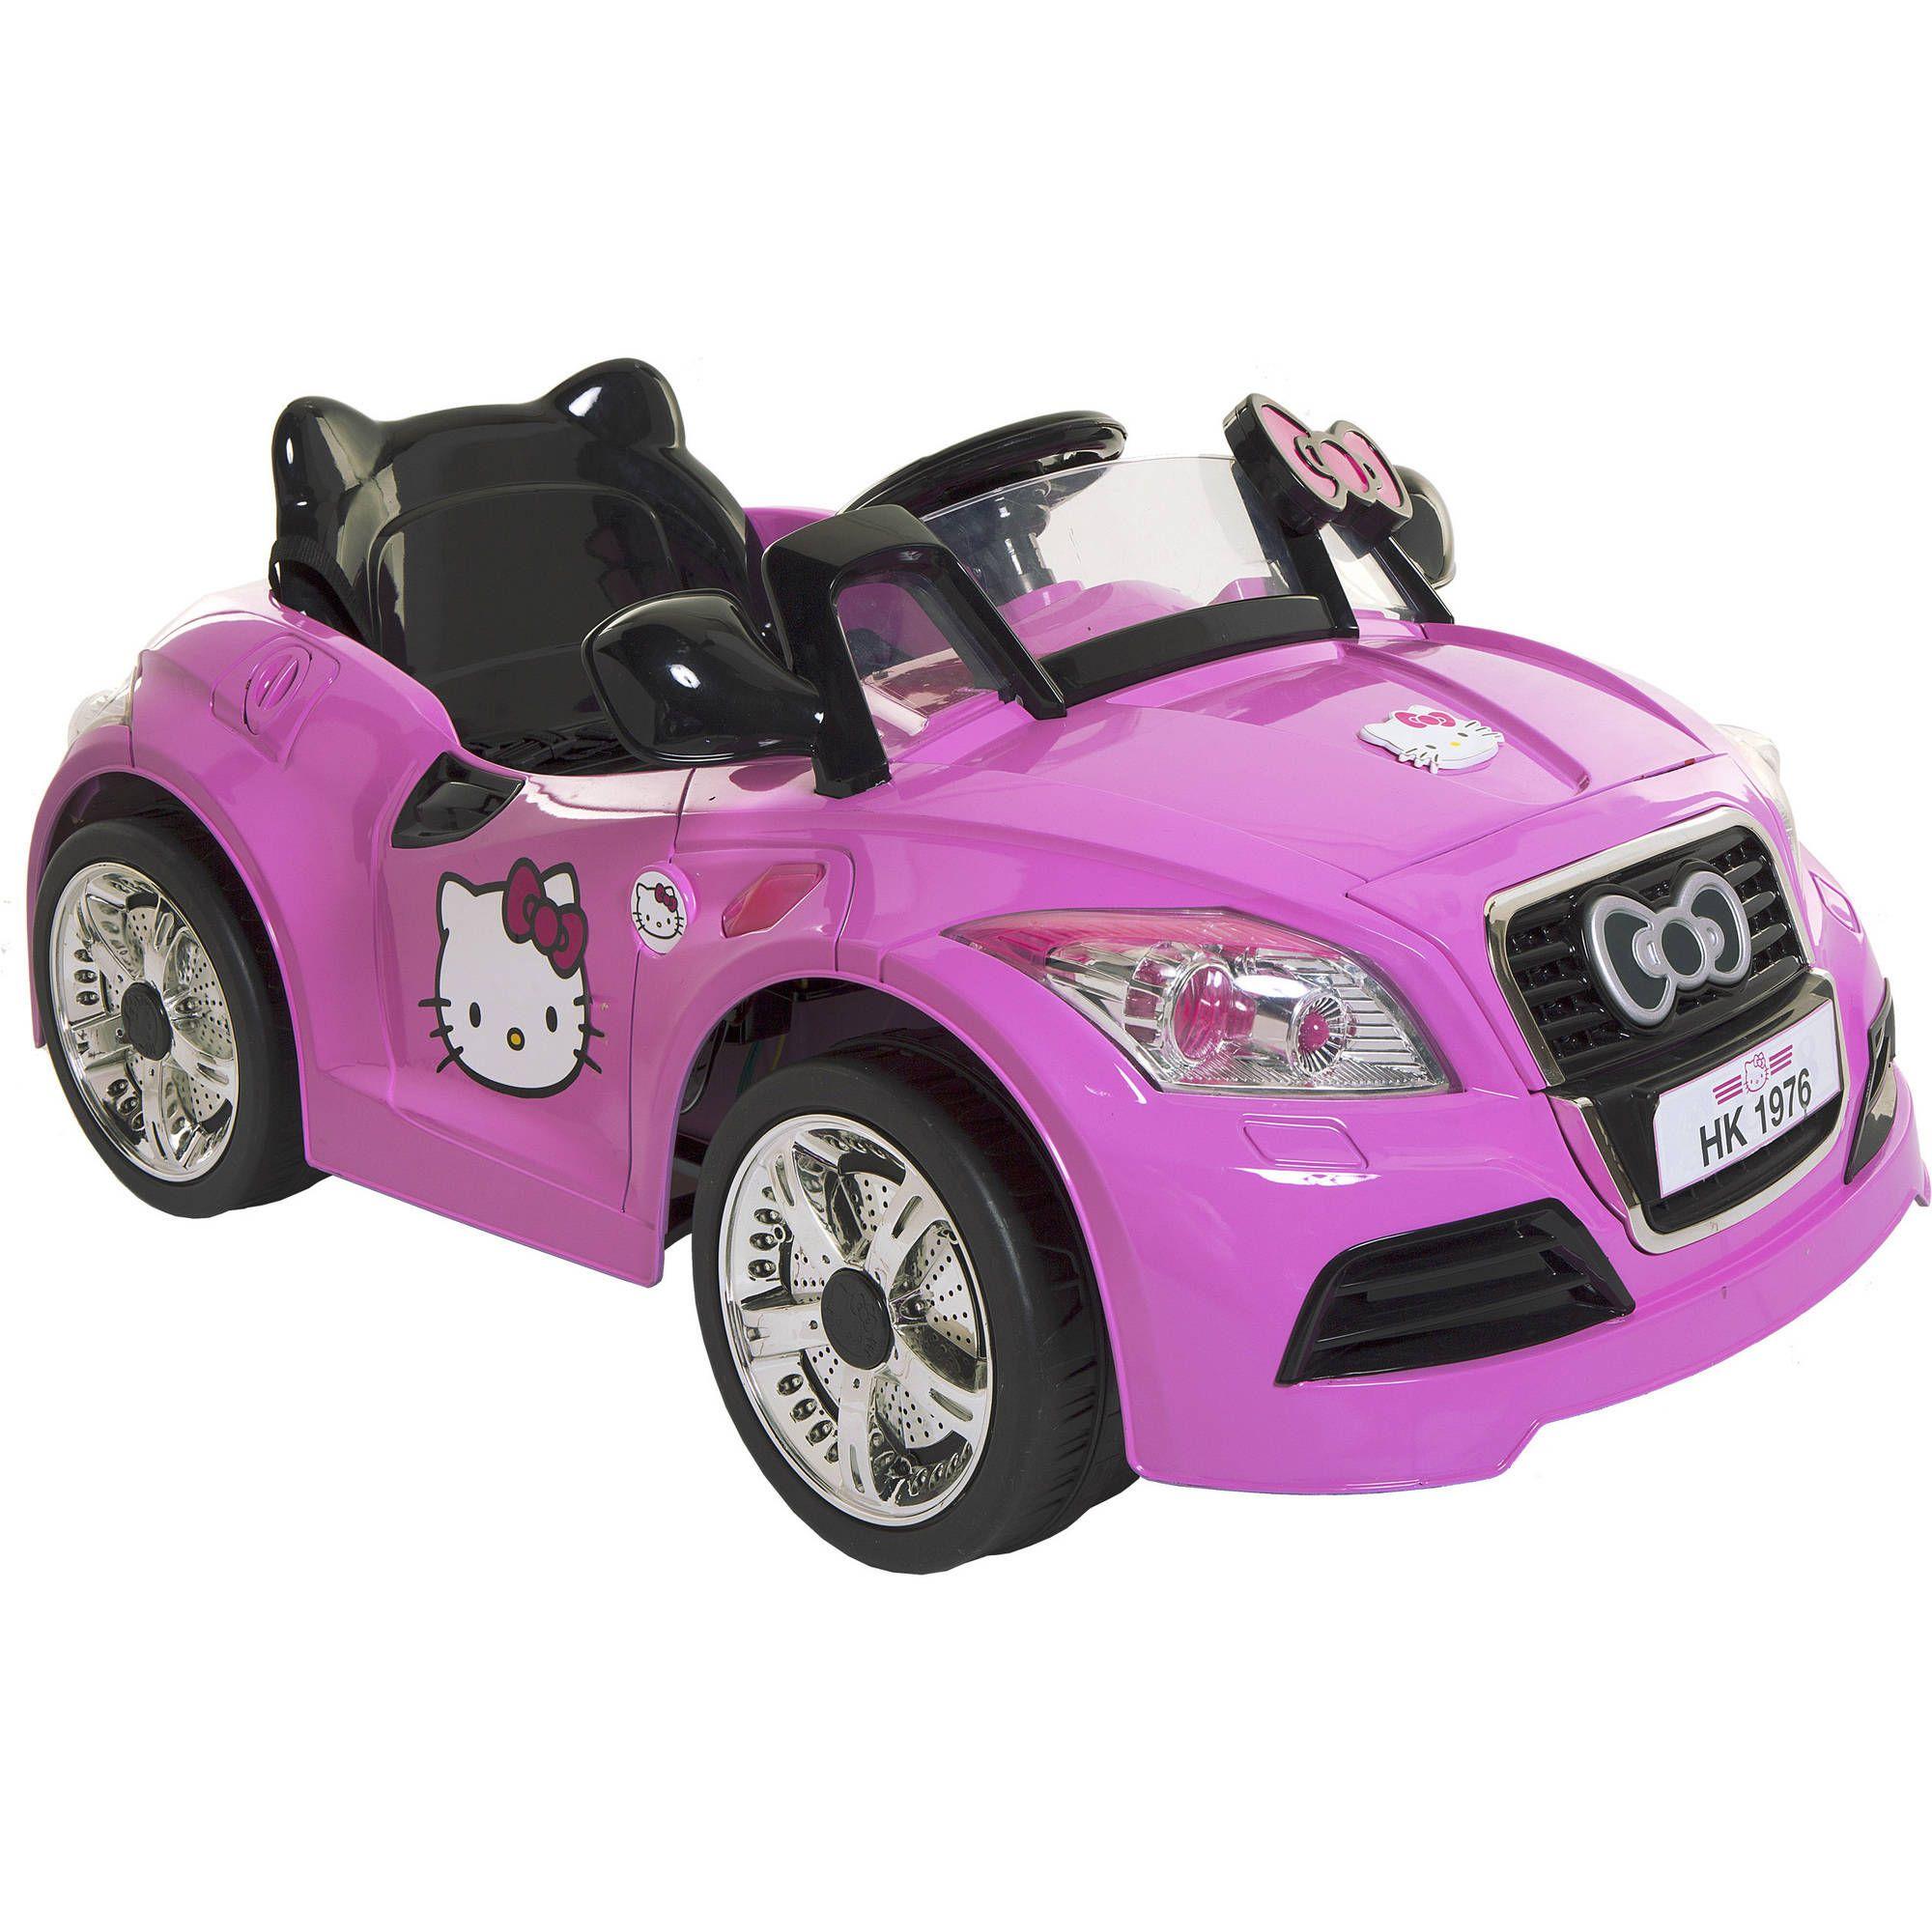 24V Disney Princess Carriage Ride-On - Walmart com